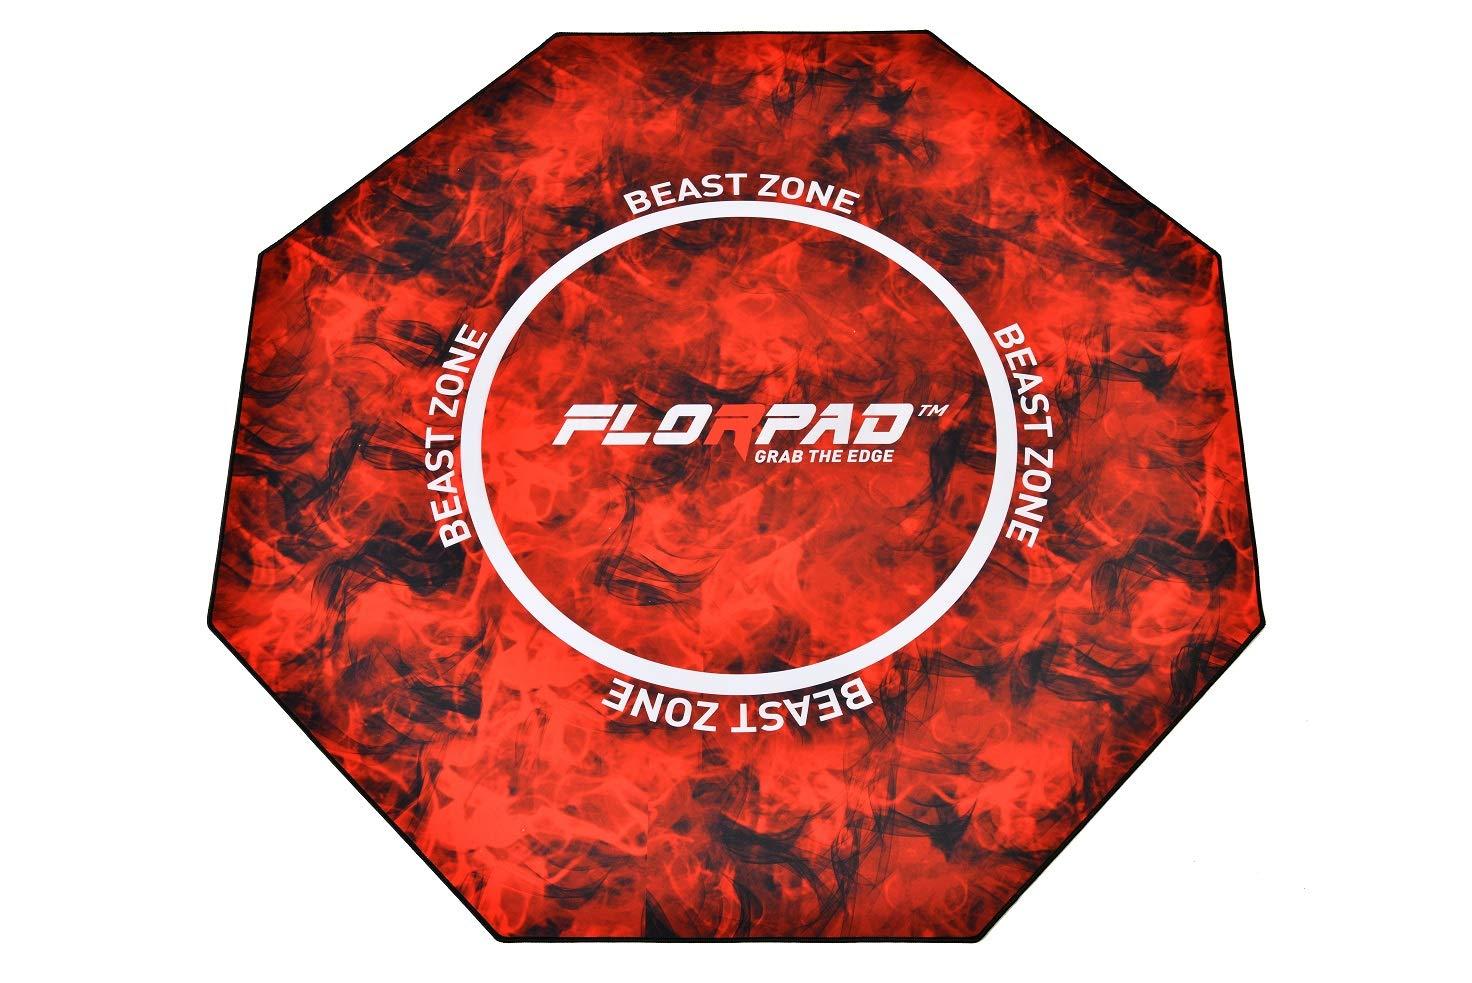 Florpad Gamer/Esport Estera de Protección del Suelo - Suave, 120x120cm, Equipo (Fnatic): Amazon.es: Hogar